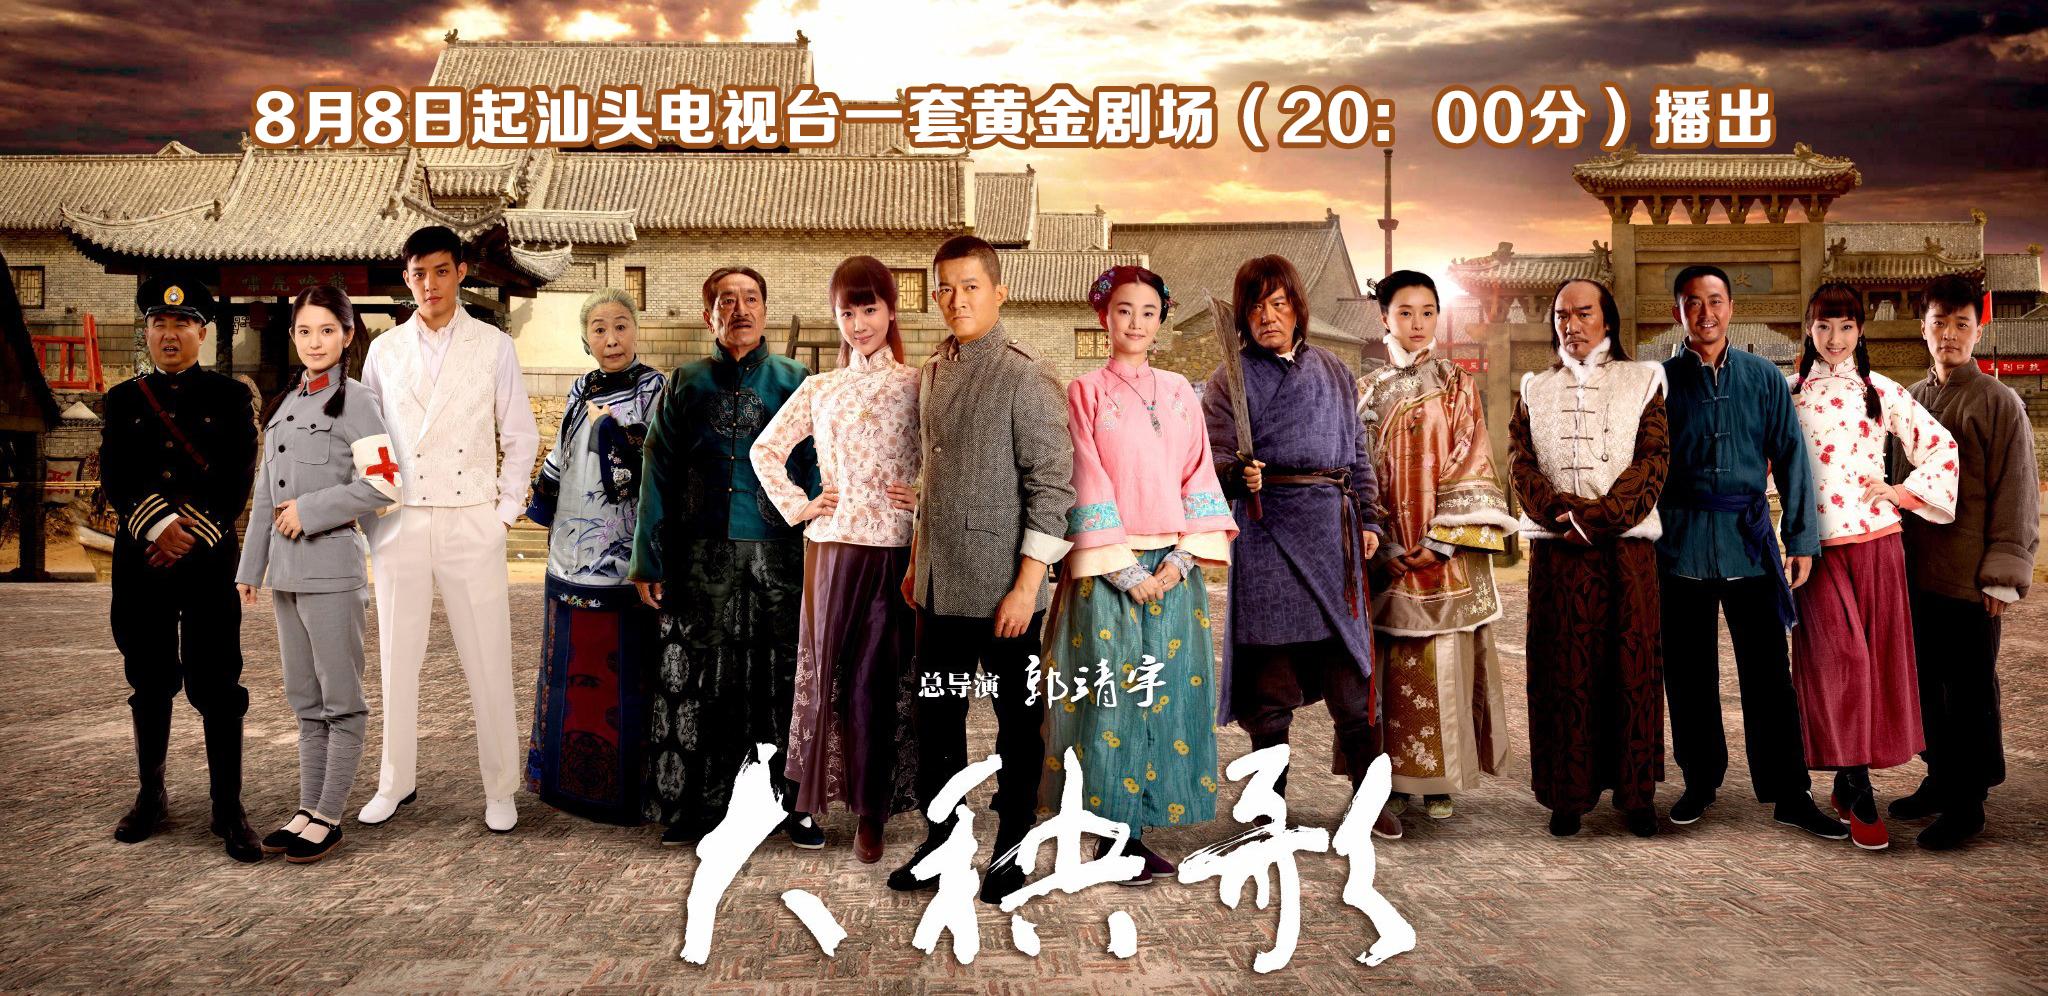 《大秧歌》8月8日起汕头一套黄金剧场(20:00分)播出